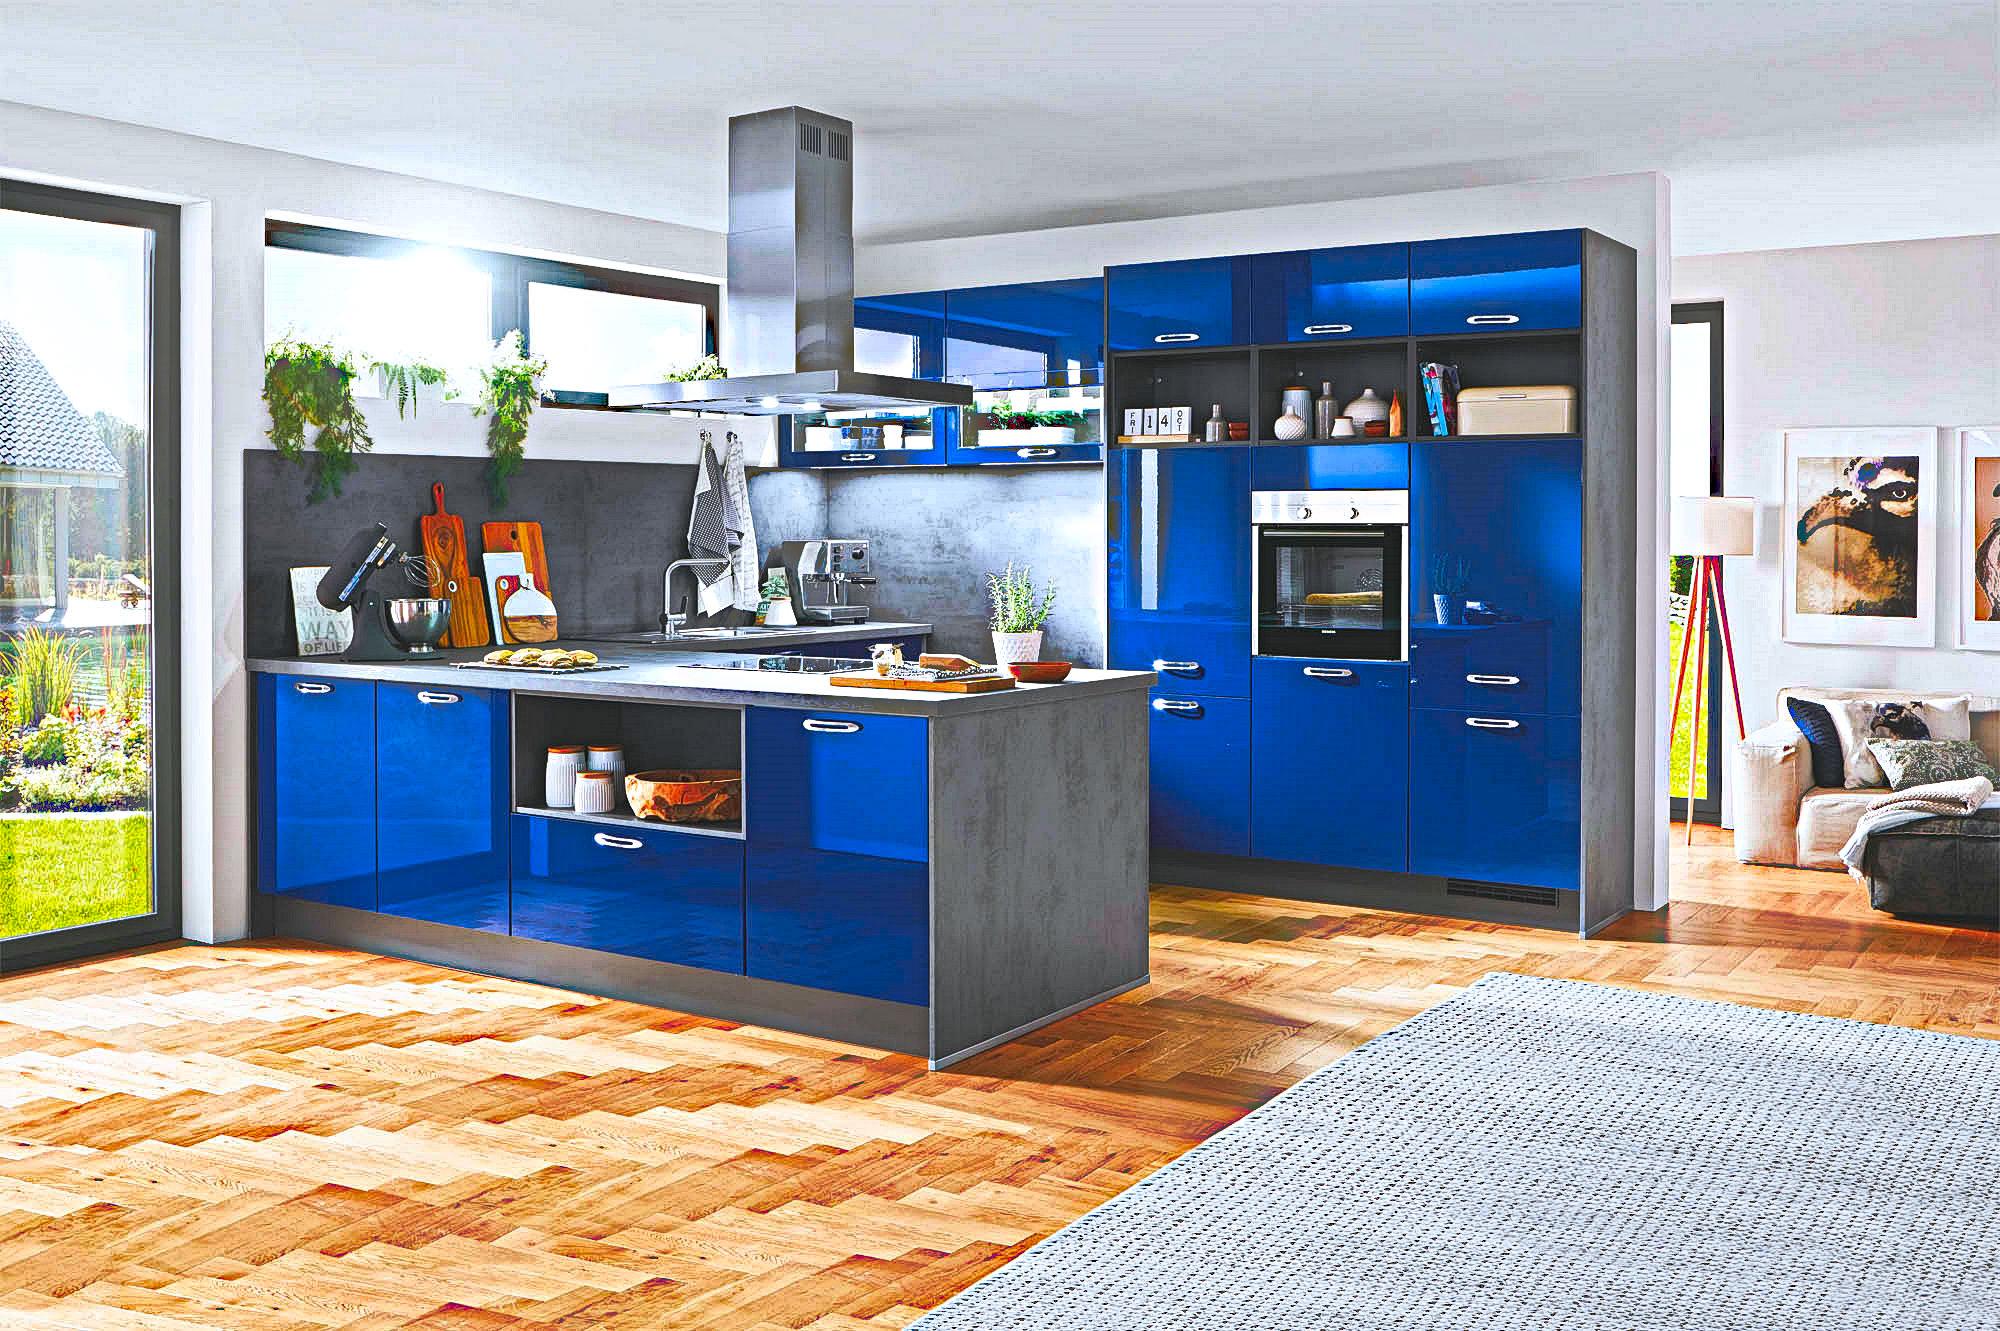 Full Size of Blaue Kche Gnstig Kaufen Kompetente Kchenplanung Kchenbrse Küche Sideboard Mit Arbeitsplatte Weisse Landhausküche Kräutergarten Modulküche Ikea Ohne Wohnzimmer Küche Blau